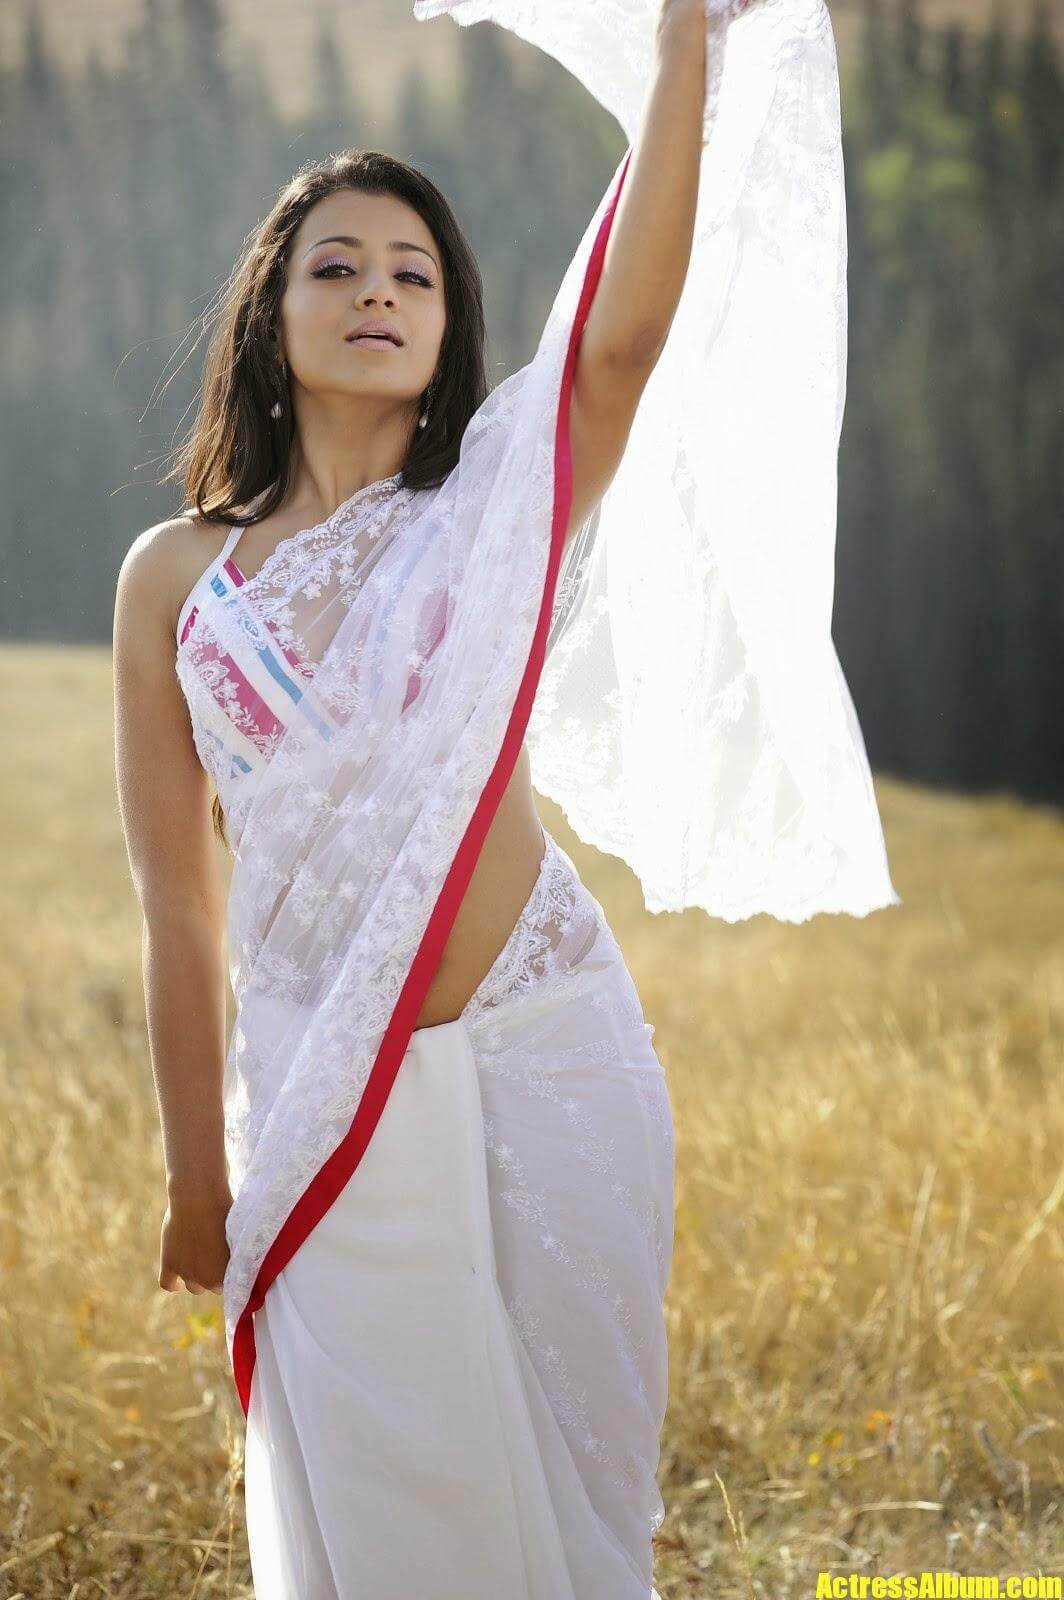 Meena Cute Wallpapers Actress Trisha Hot Navel Exposing In White Saree Photos